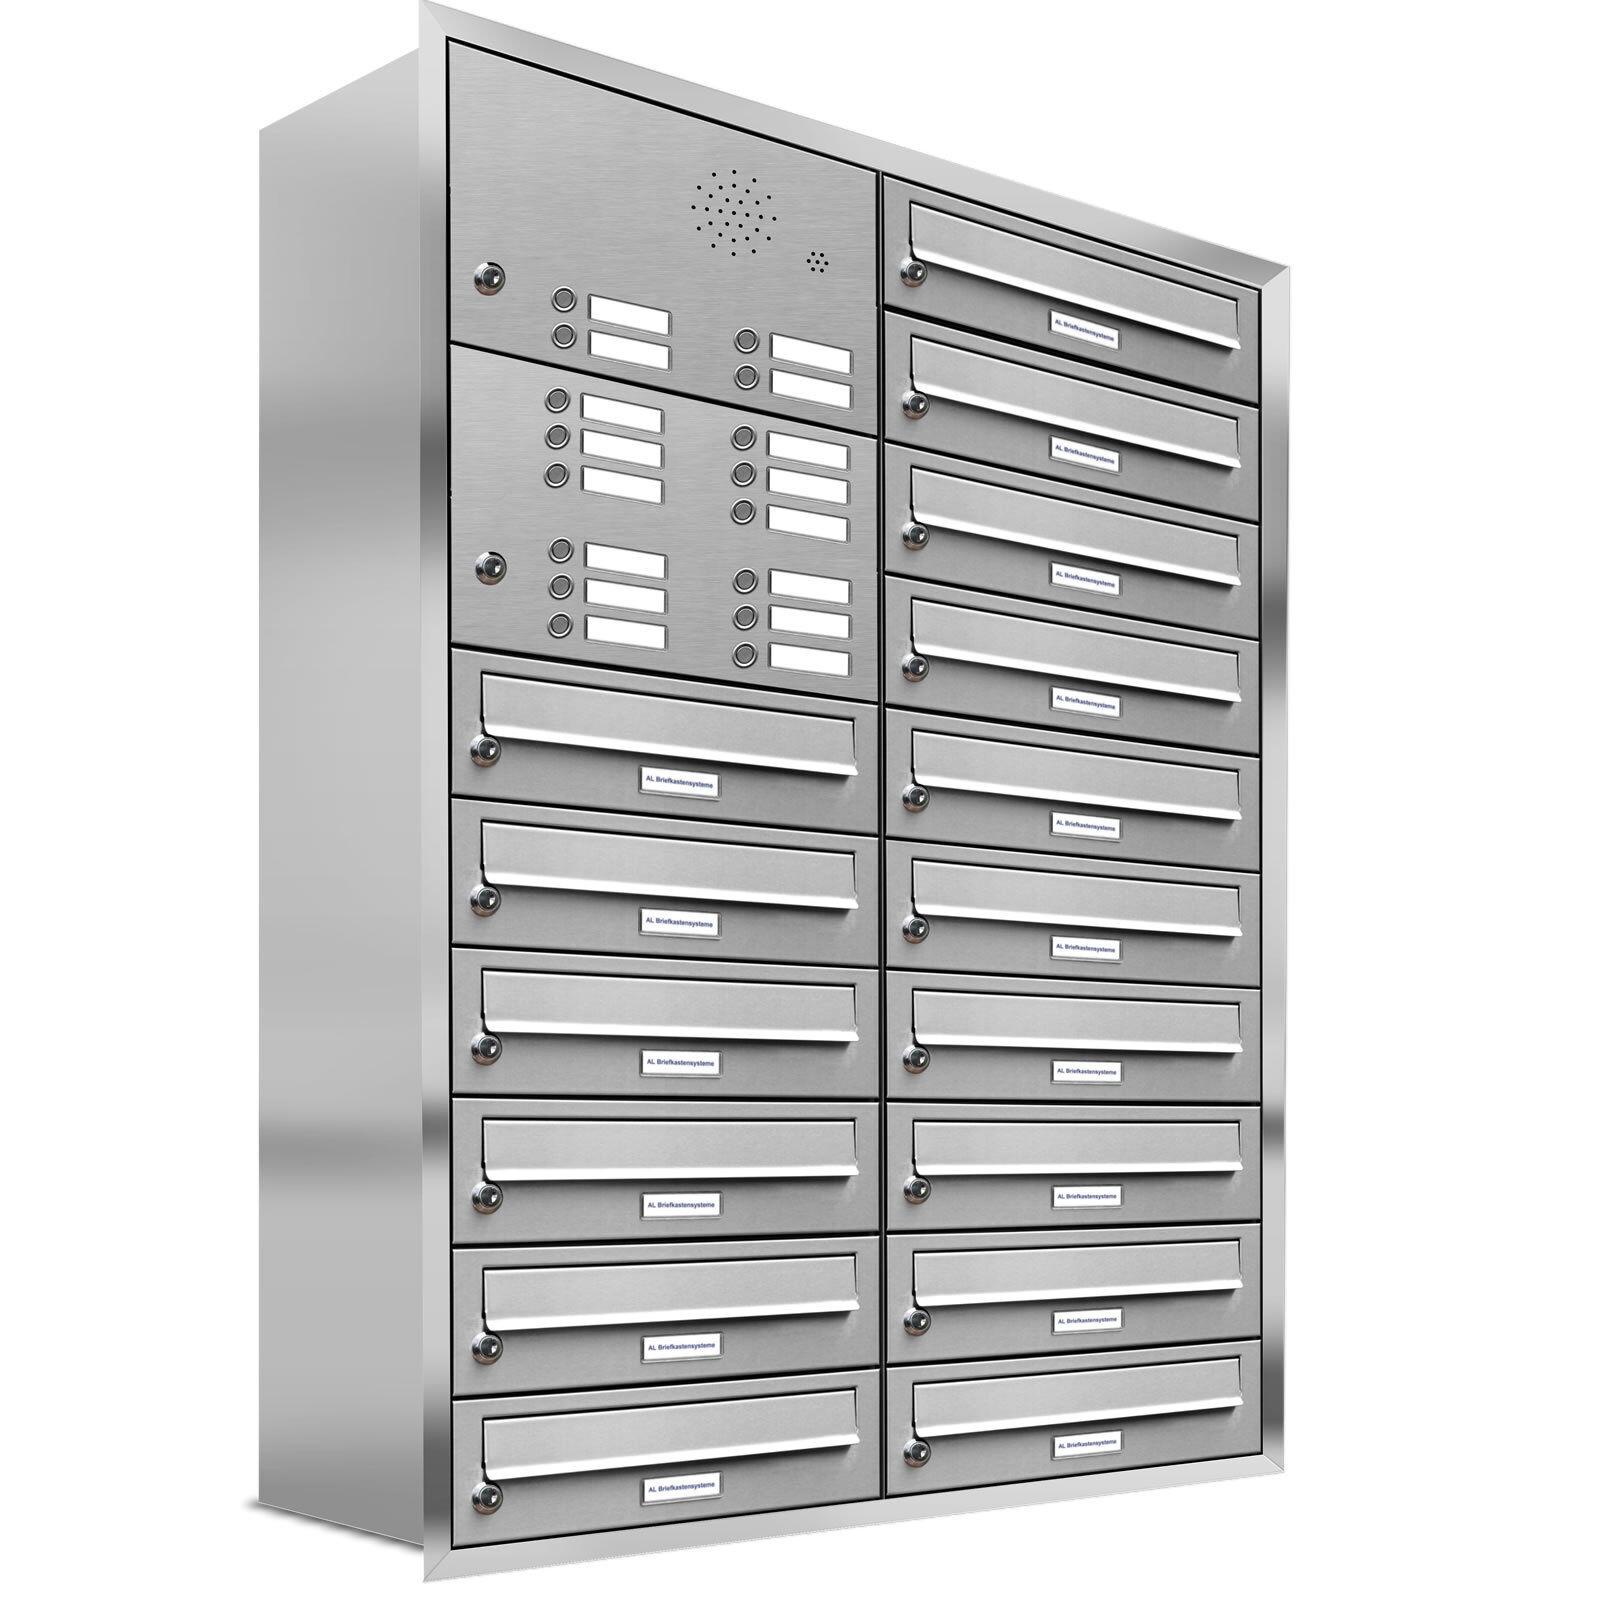 16er Premium Unterputz Briefkasten mit Klingel 16 Fach V2A Postkasten Anlage A4